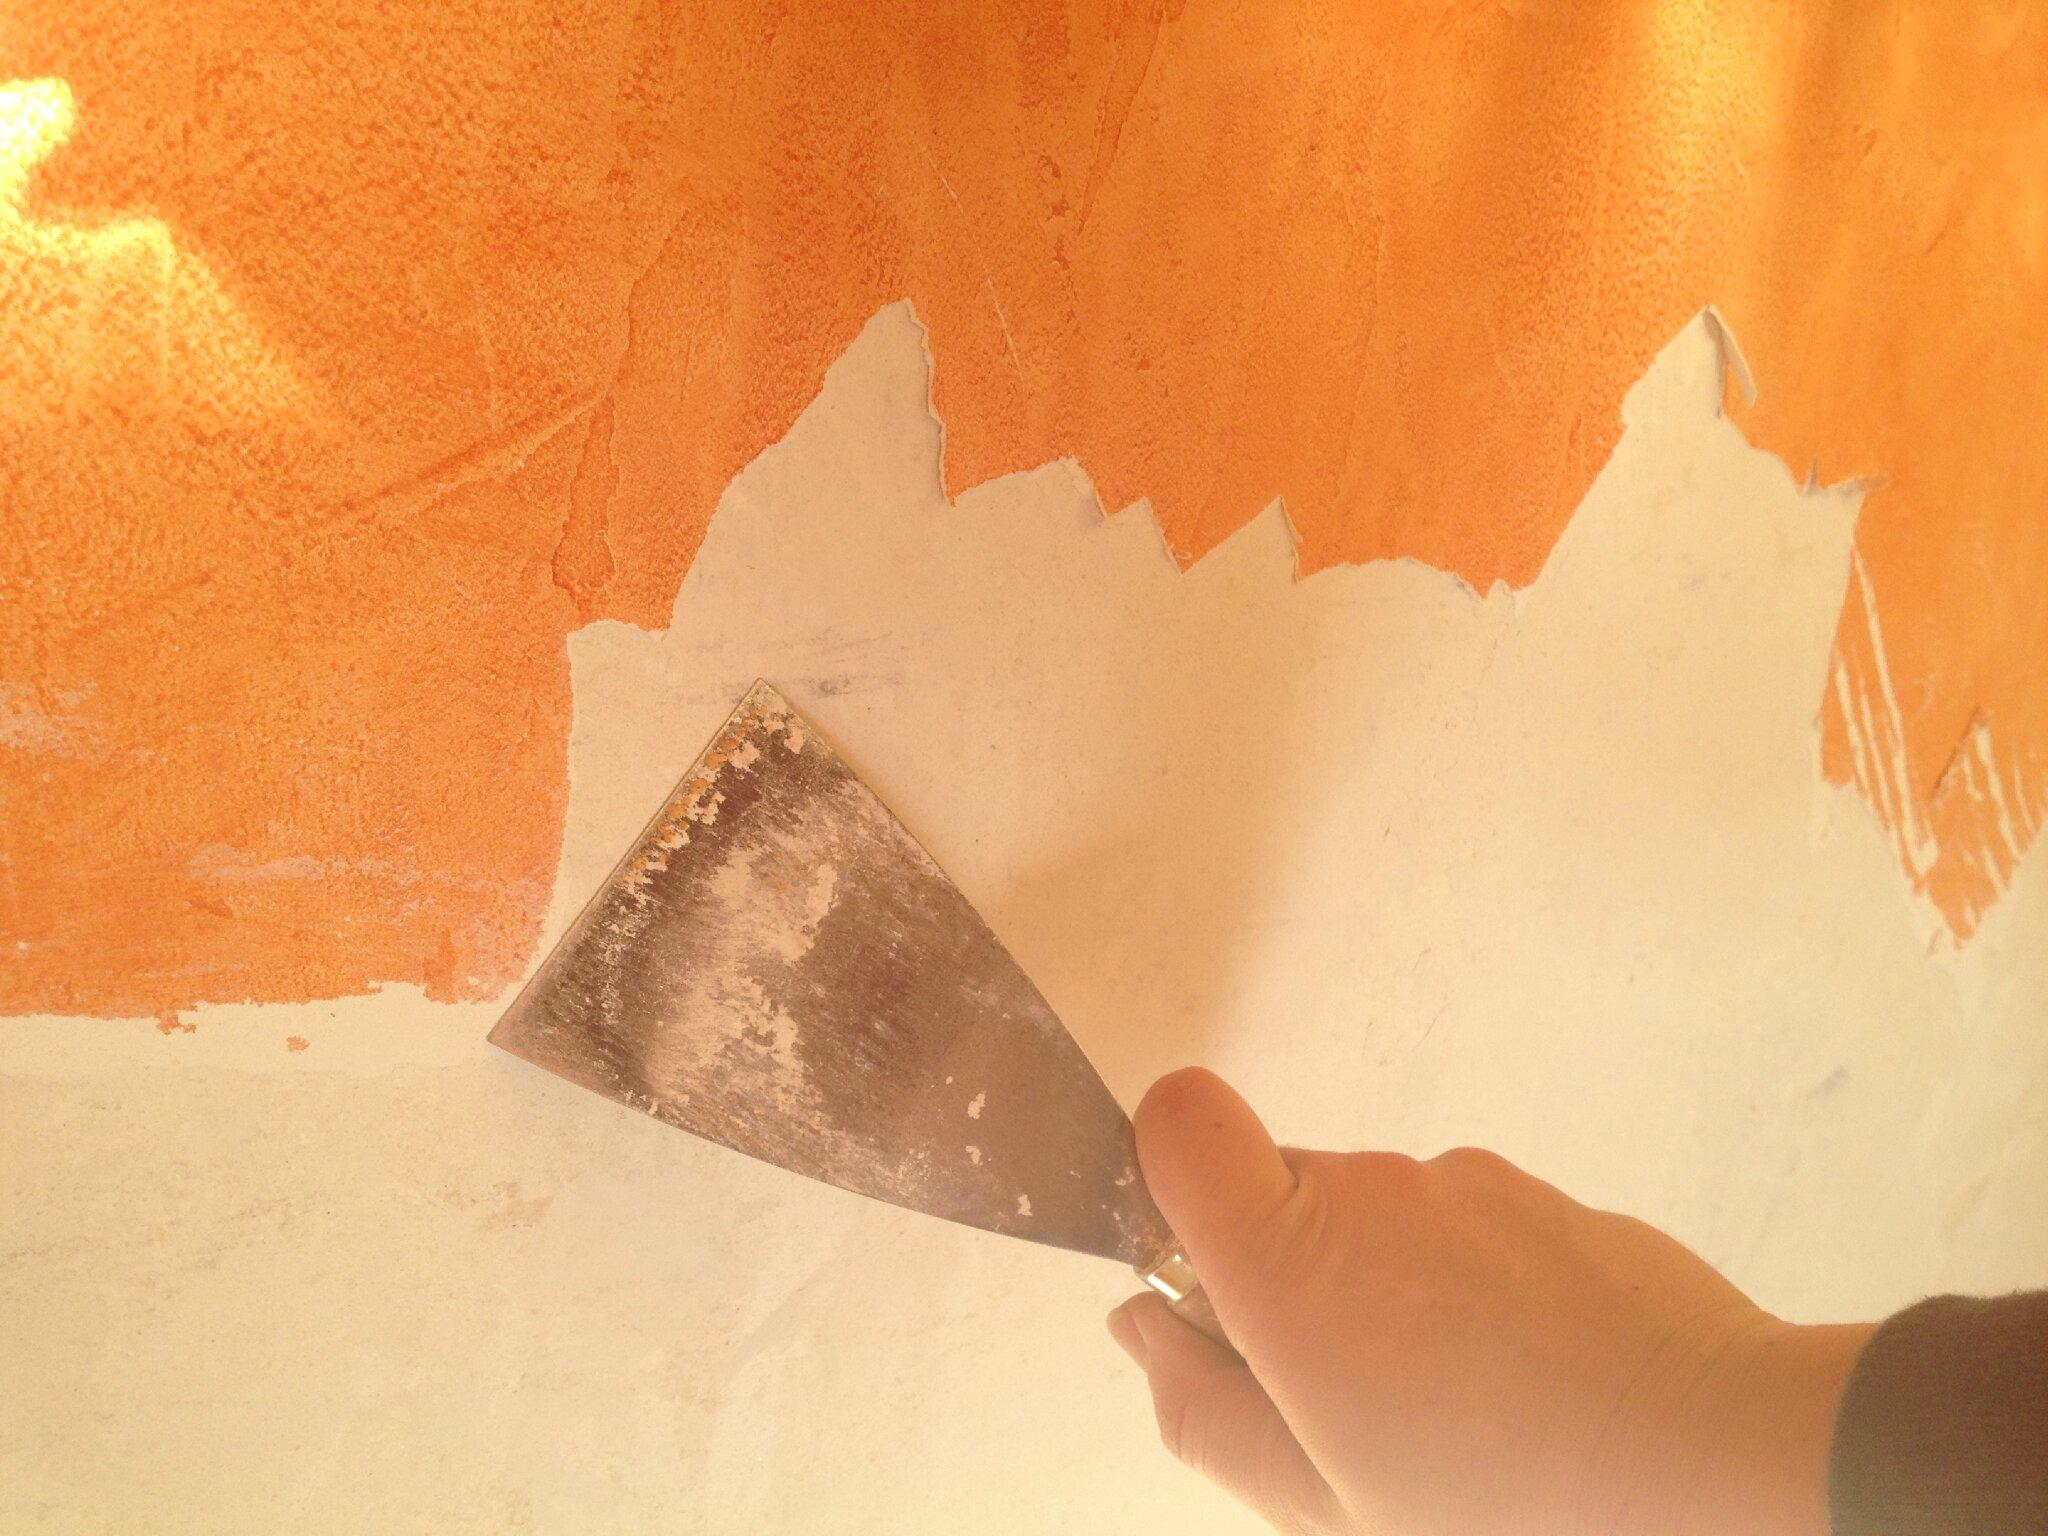 D coller et enlever de l 39 enduit cir la maison de lilly r novation de notre maison meuli re - Cire pour enduit mural ...